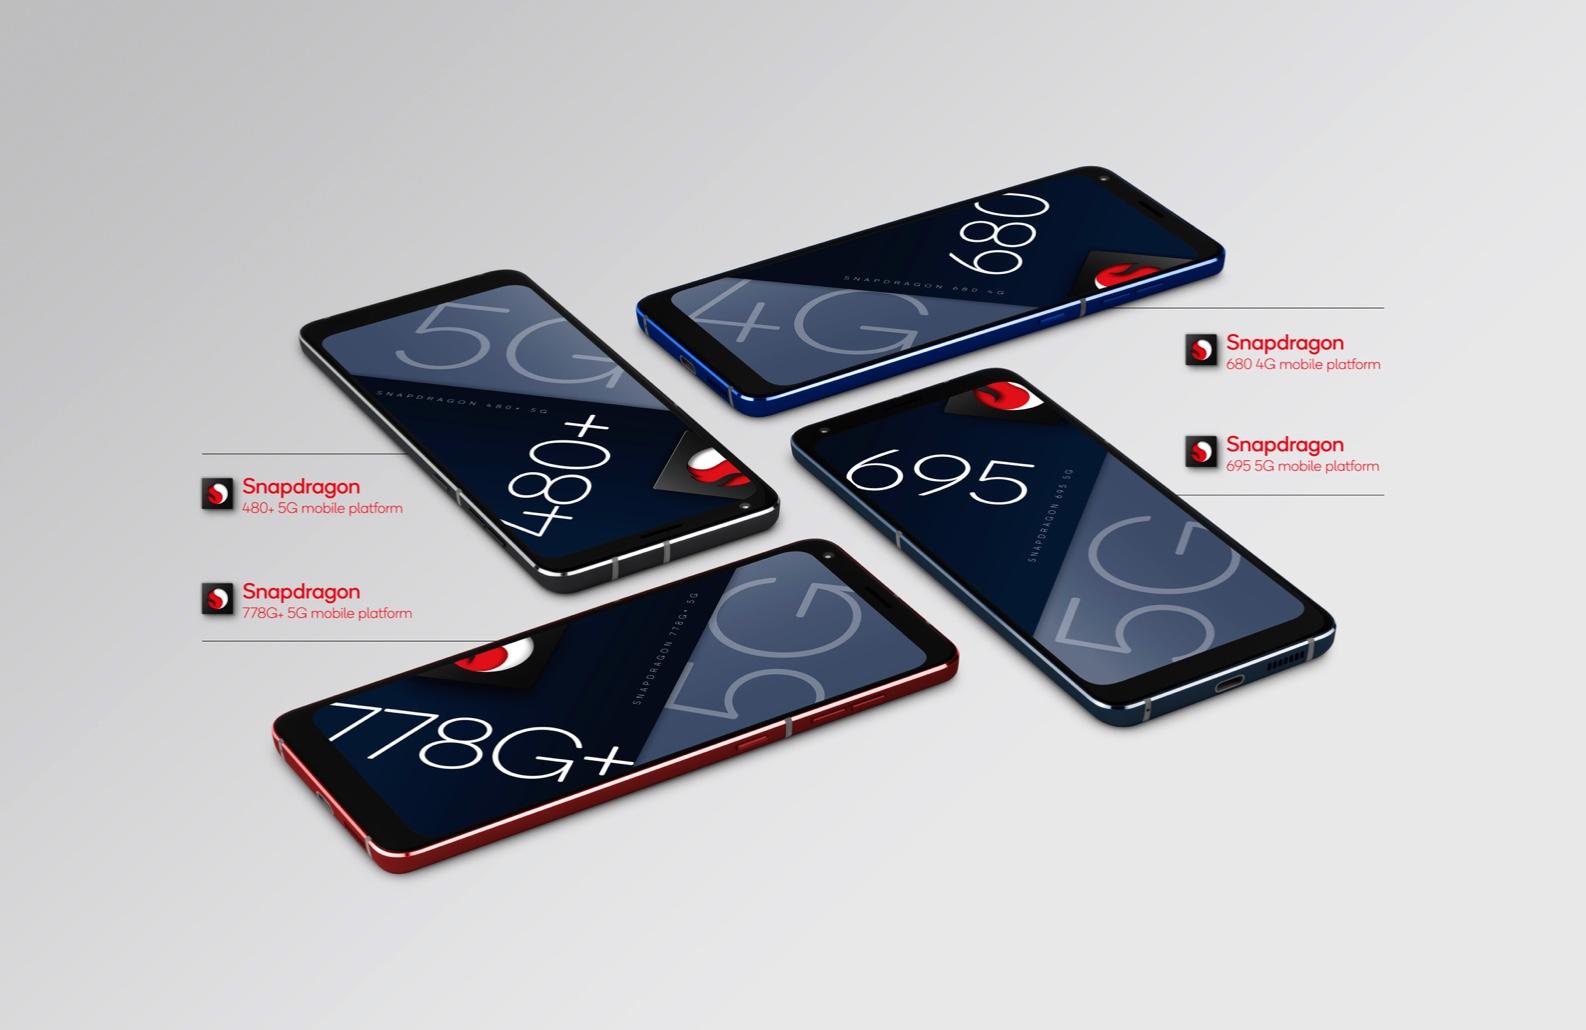 Qualcomm annonce 4 nouvelles puces Snapdragon pour smartphones abordables